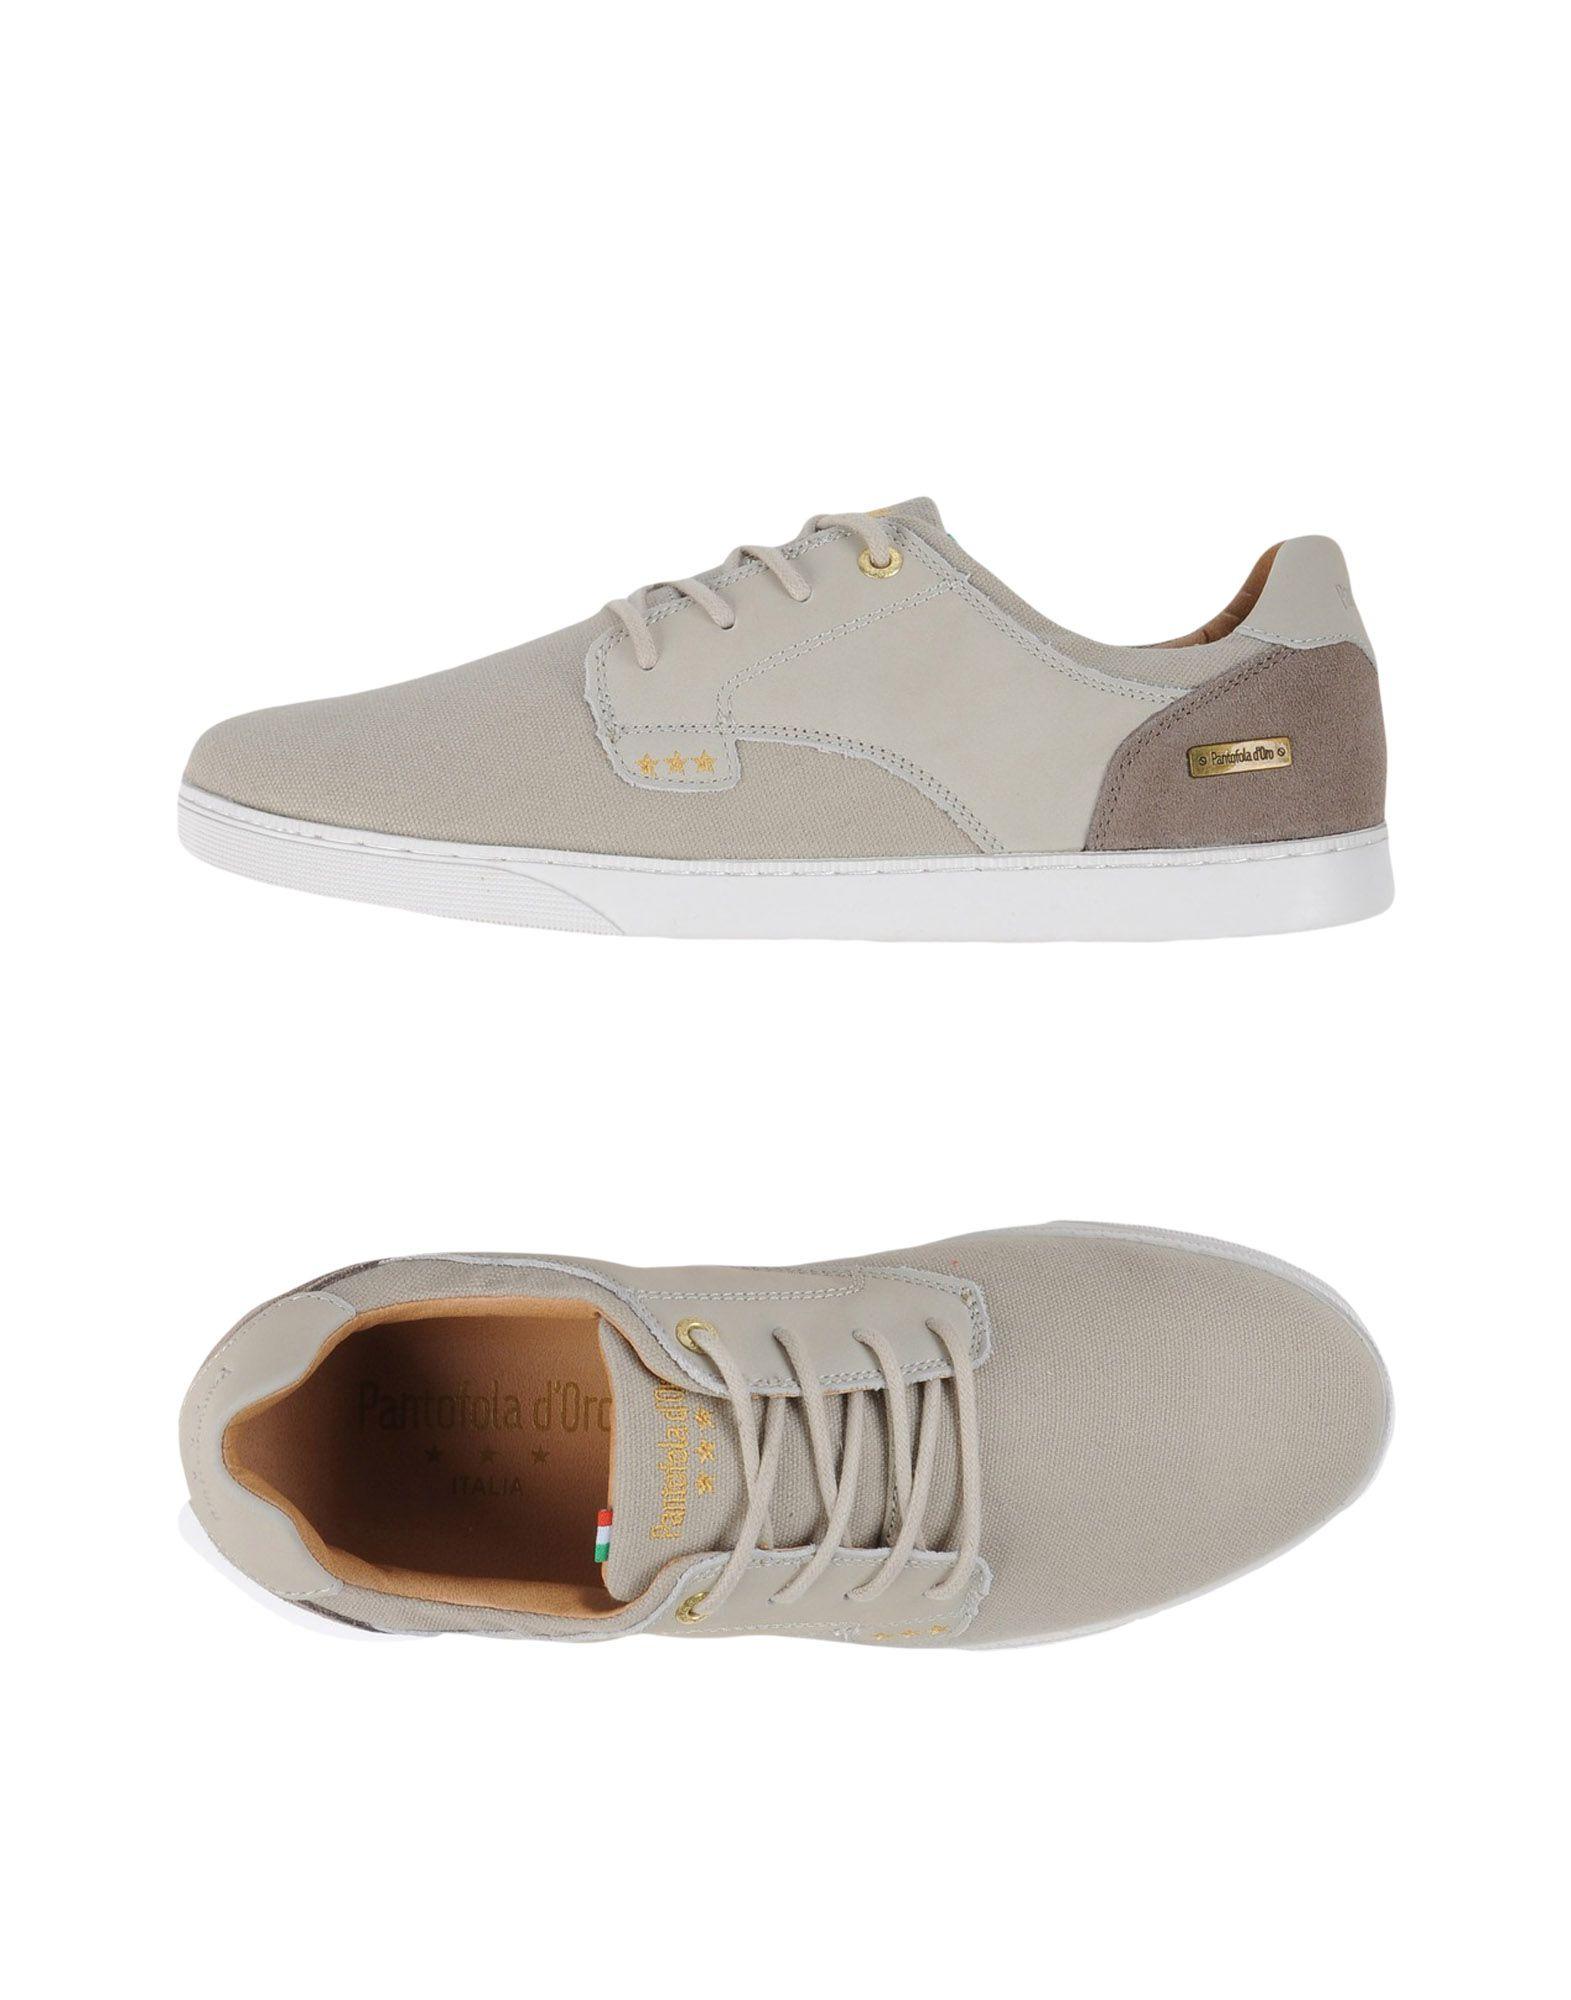 Rabatt echte Pantofola Schuhe Pantofola echte D'oro Sneakers Herren  11339398QI 59d44d